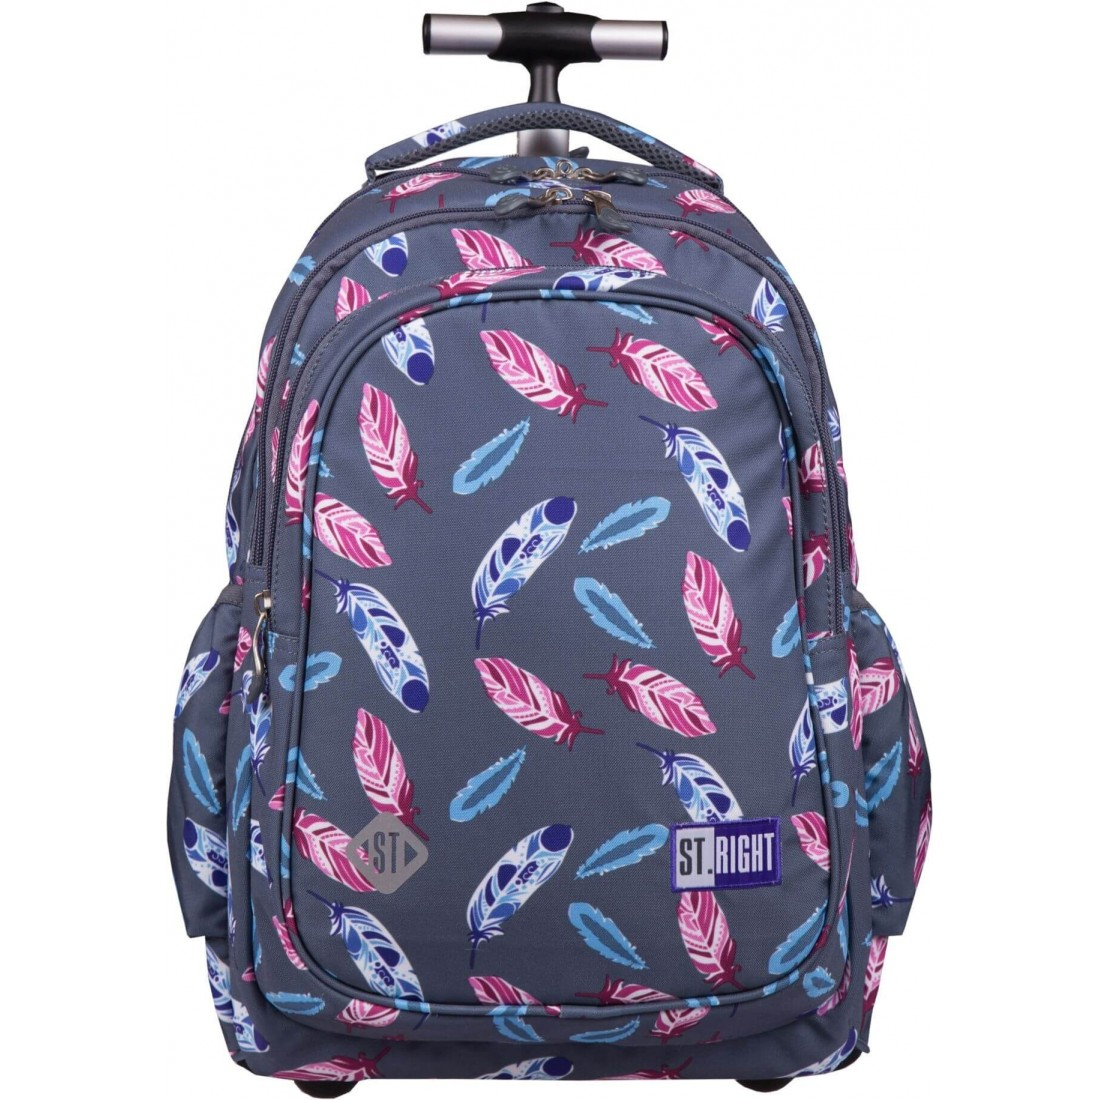 7738ae558ac14 Plecak na kółkach dla dziewczyny piórka ST.RIGHT Indian Feathers ...